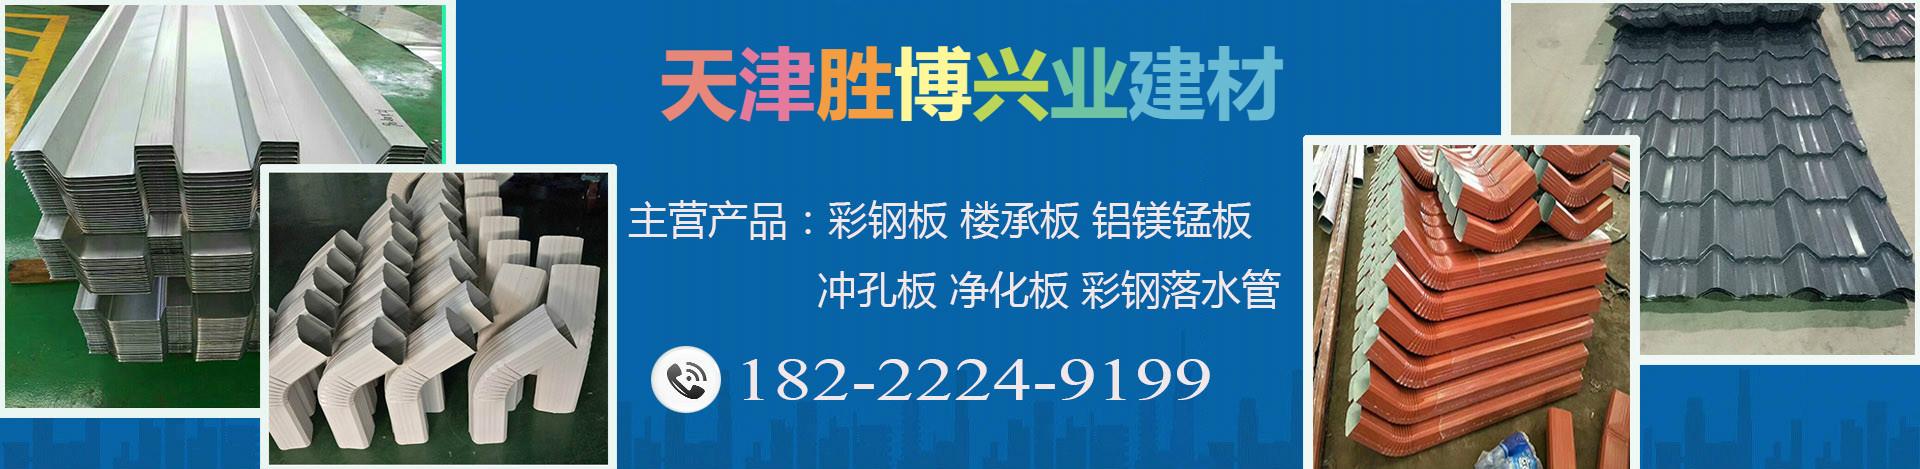 天津胜博兴业建材科技有限公司